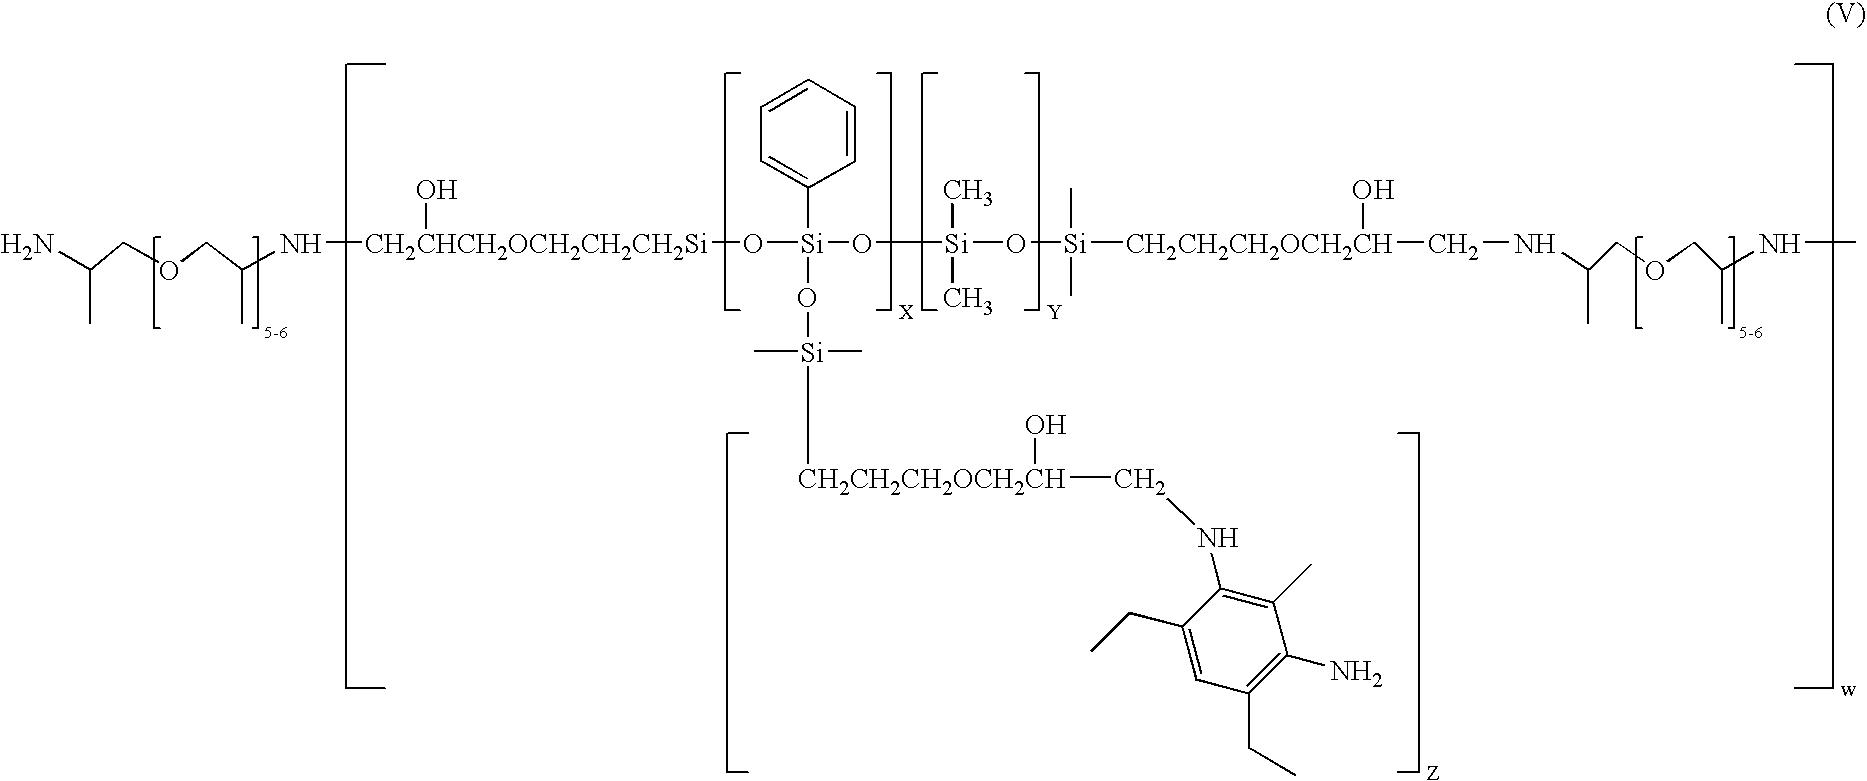 Figure US20040054112A1-20040318-C00003